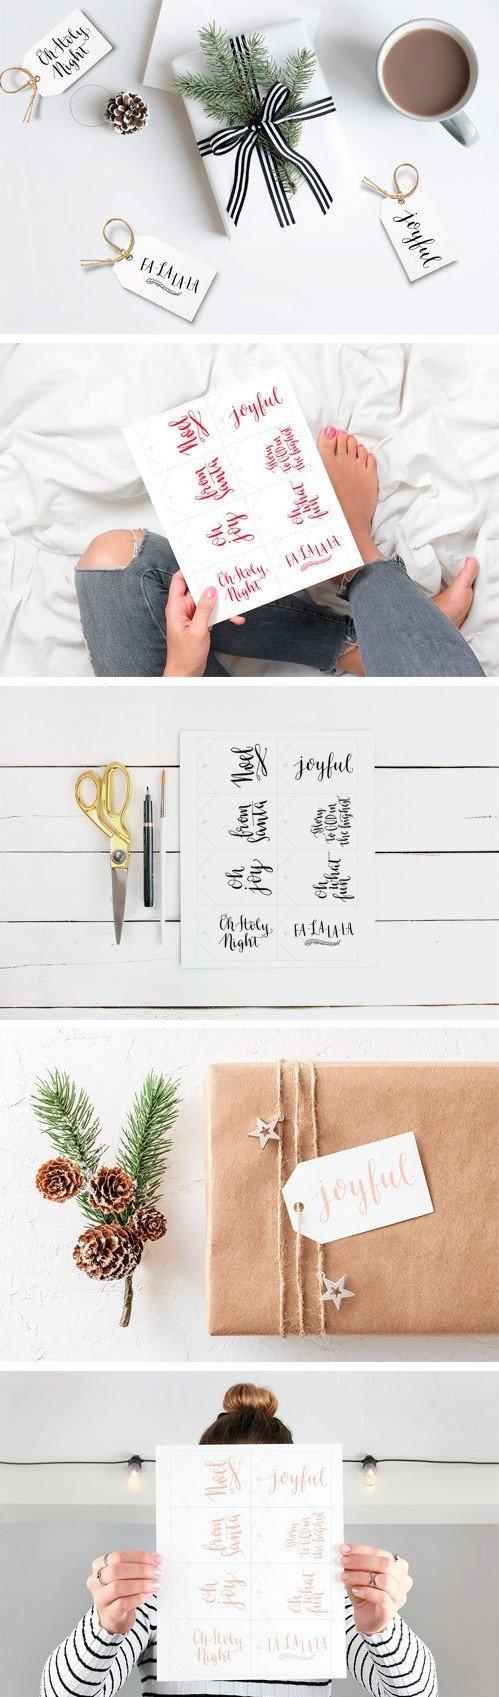 CM - Christmas Printable Gift Tags 02 3239931